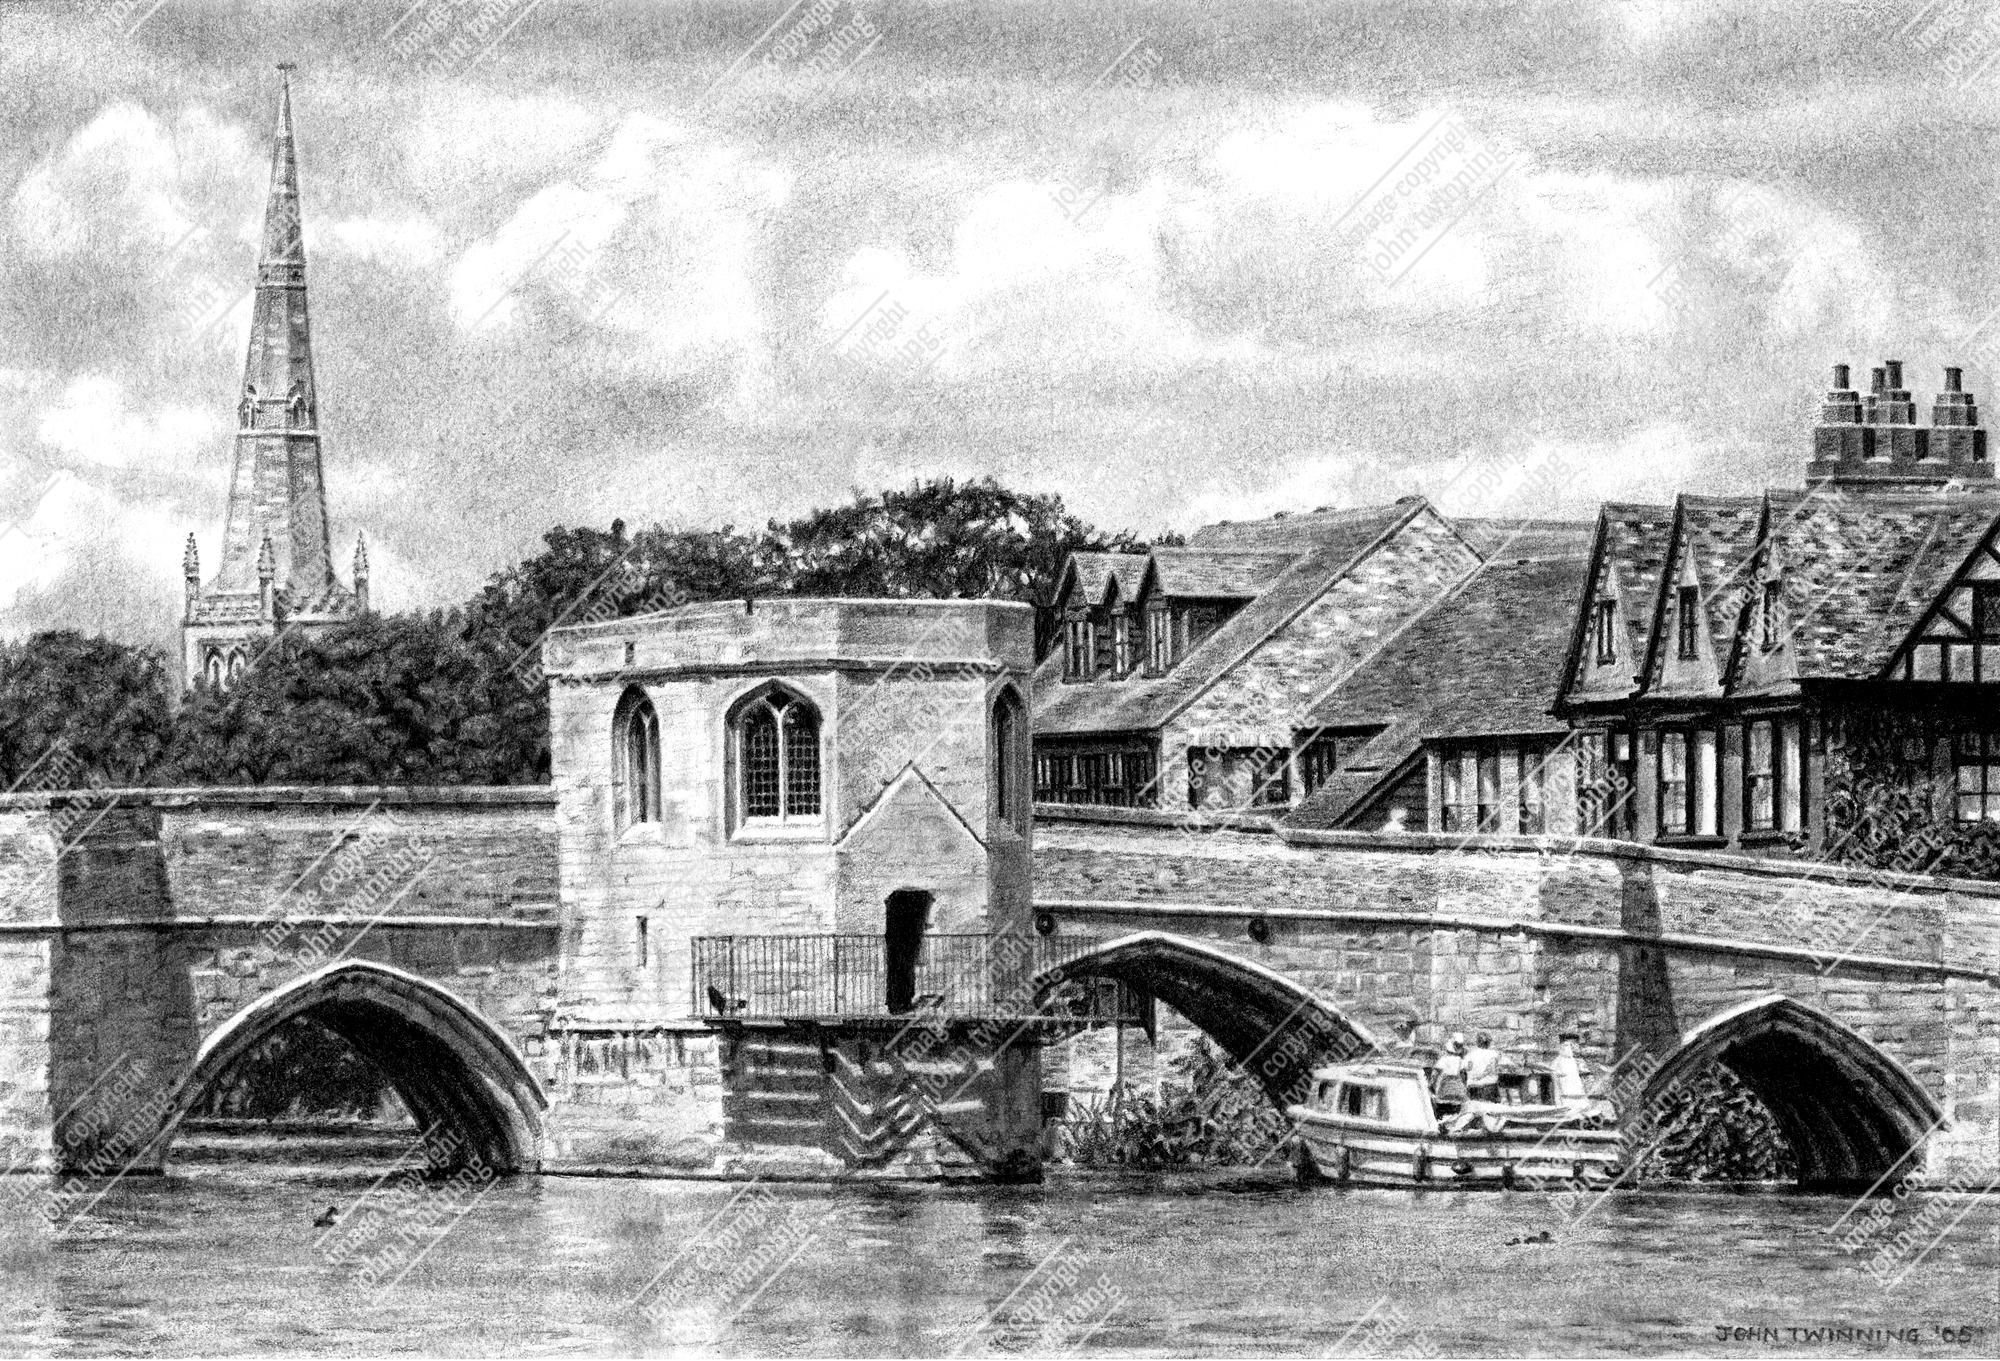 St. Ives bridge and chapel (pencil)